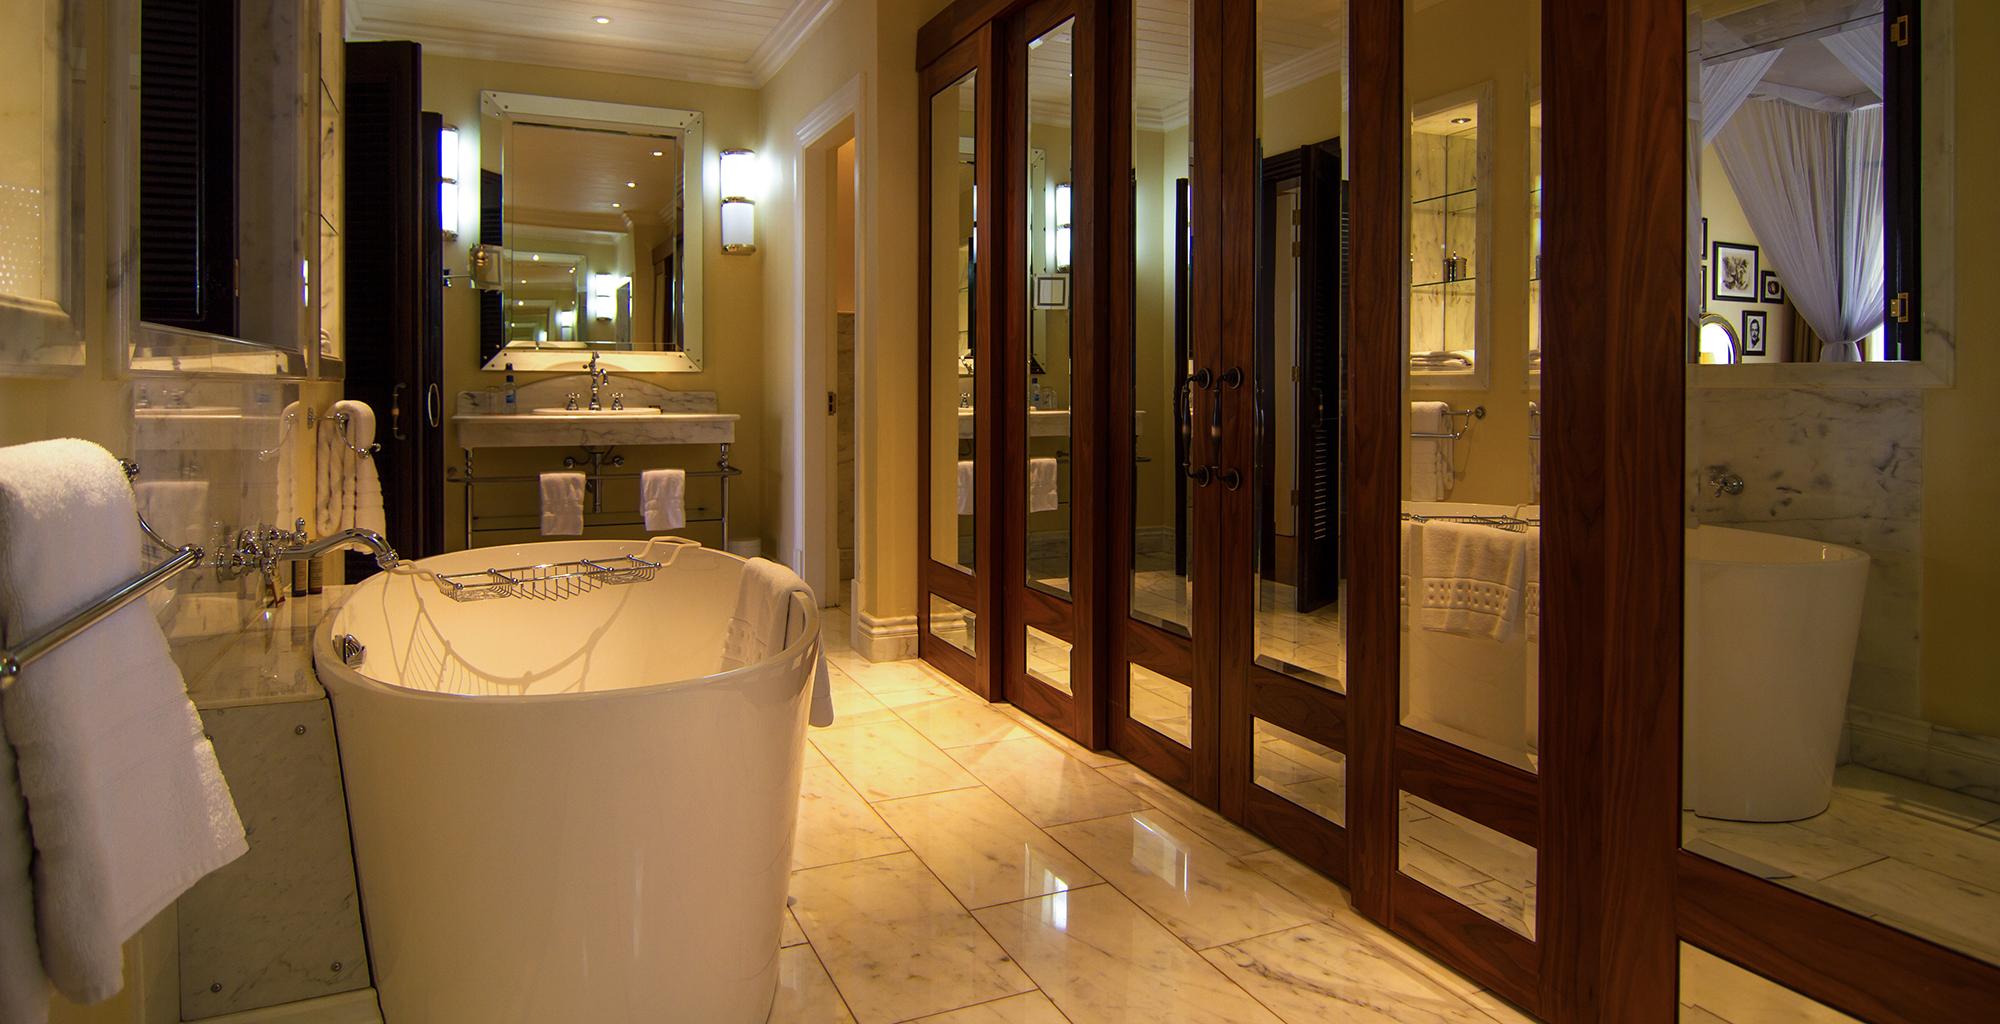 Kenya-Hemingways-Nairobi-Bathroom